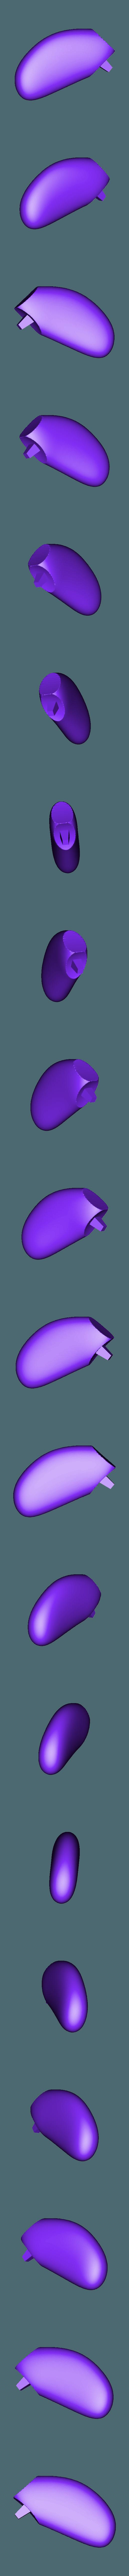 brazo1.stl Download free STL file PIGLET - winnie pooh, tender, gentle • 3D print object, RMMAKER